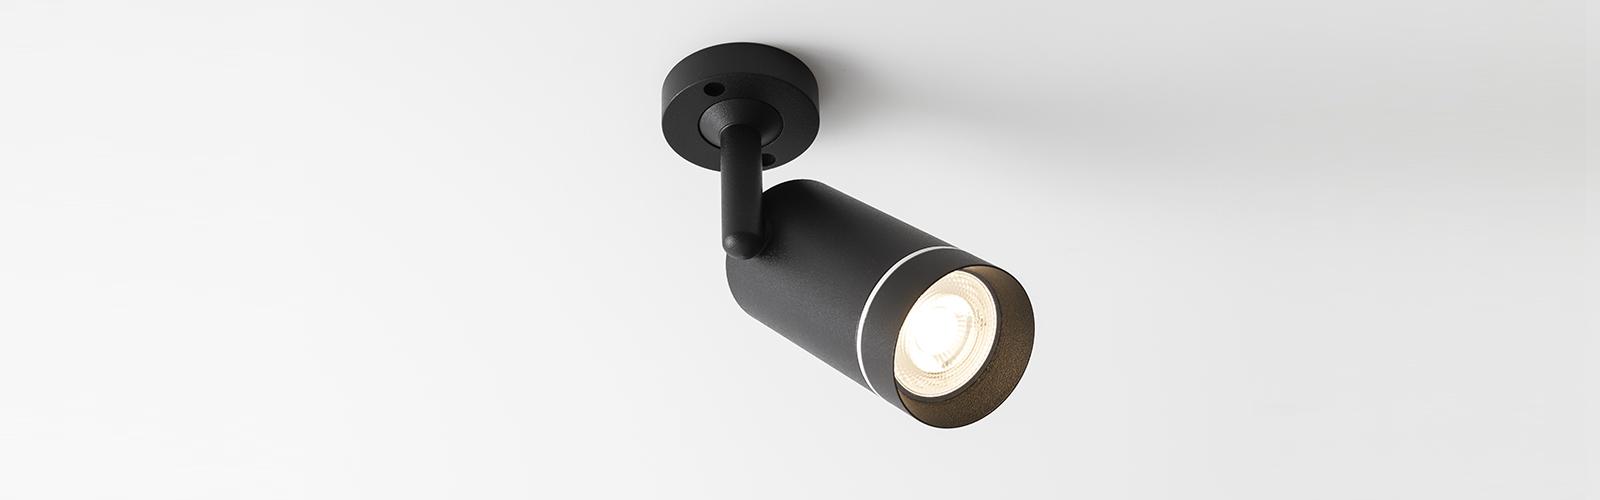 Fenos LED Lighting Surface Adjustable Aro SA